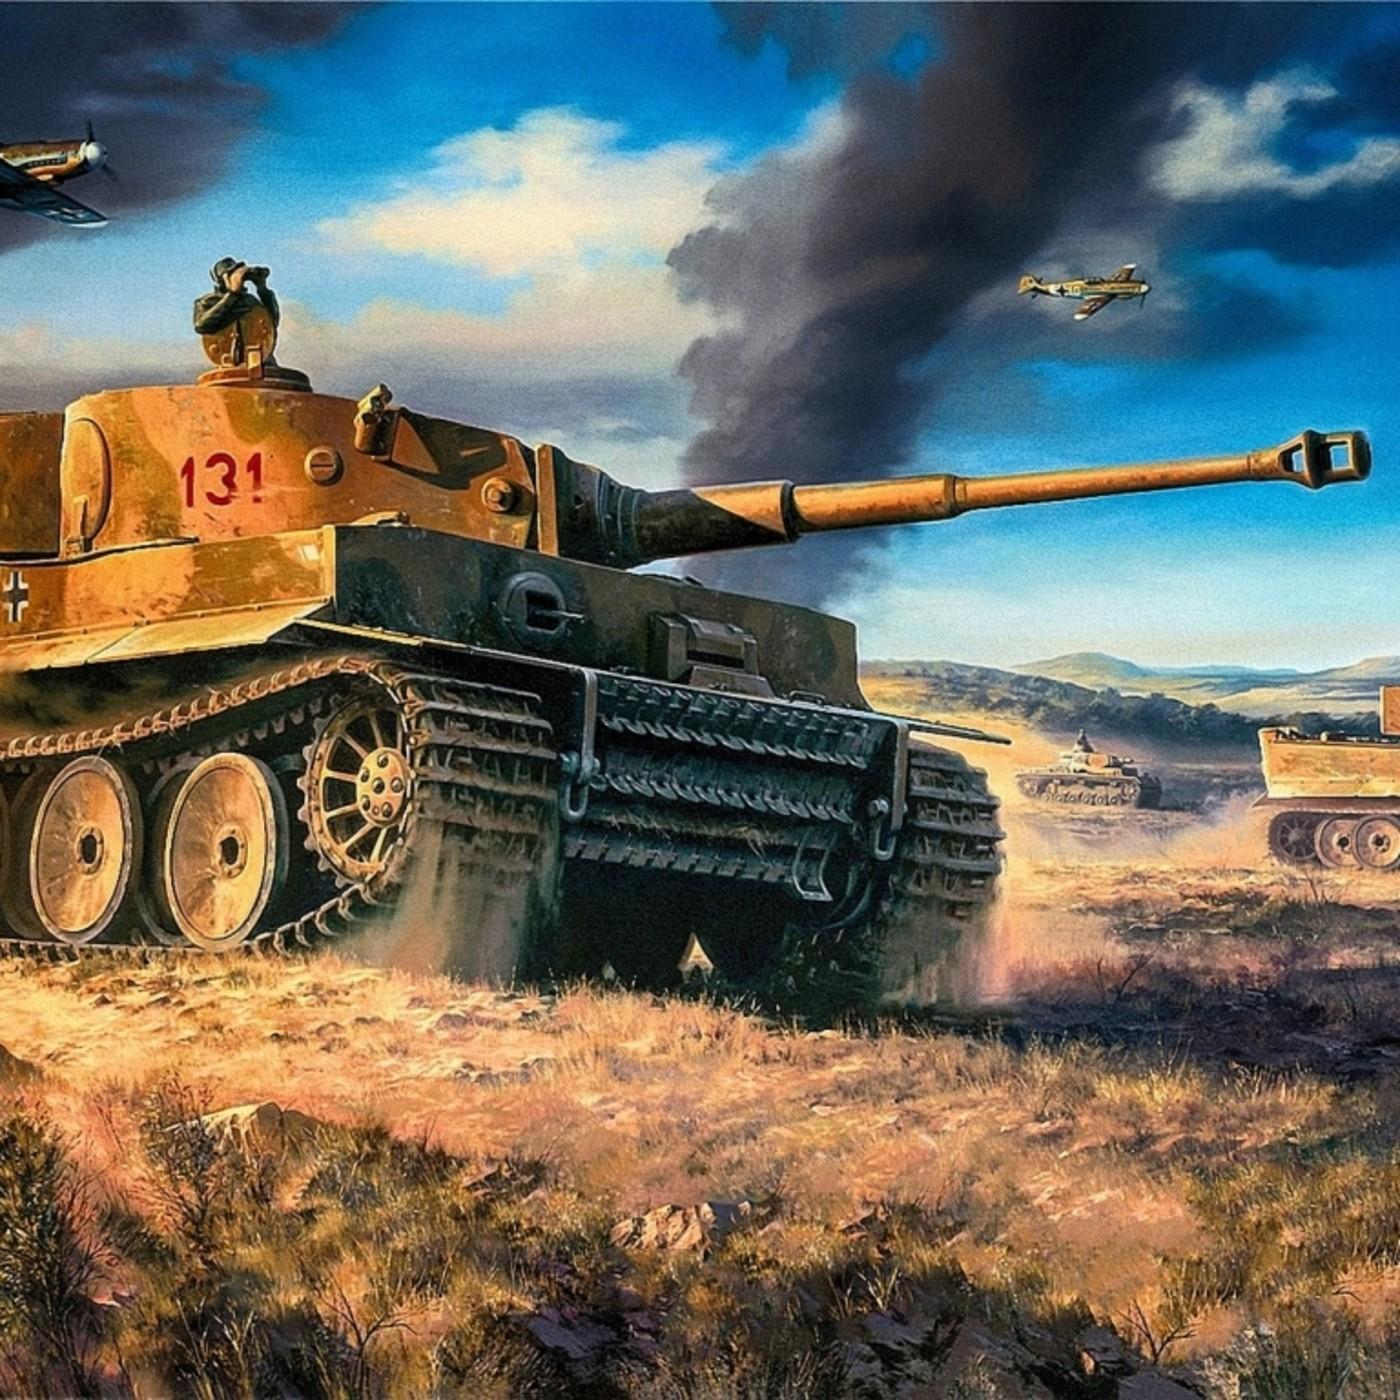 07x02HDLG - Tigres en el campo de batalla